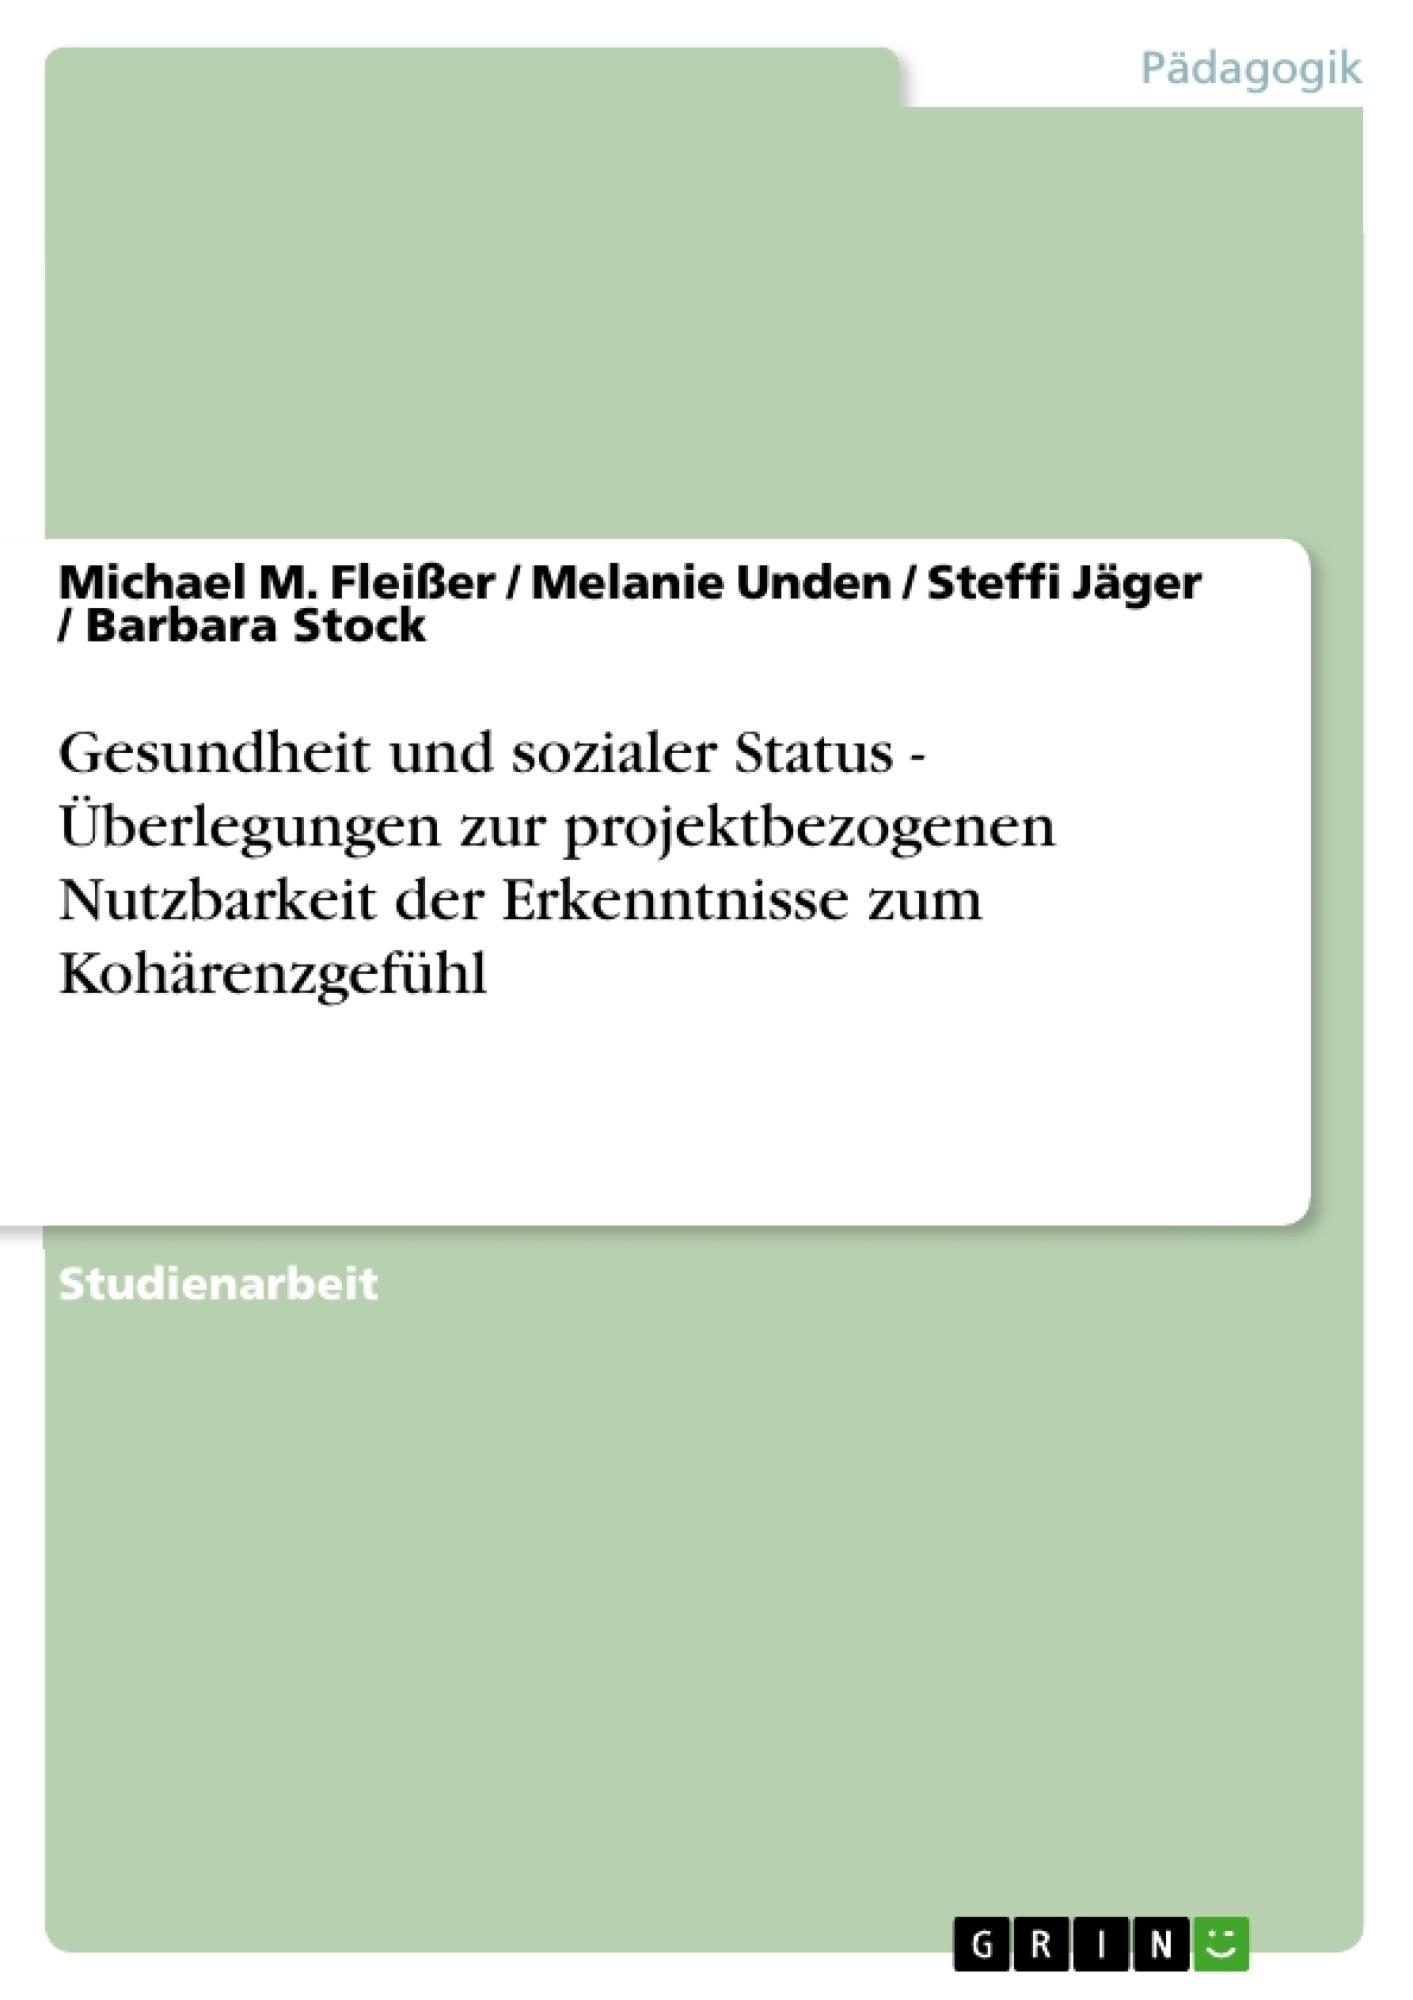 Titel: Gesundheit und sozialer Status - Überlegungen zur projektbezogenen Nutzbarkeit der Erkenntnisse zum Kohärenzgefühl